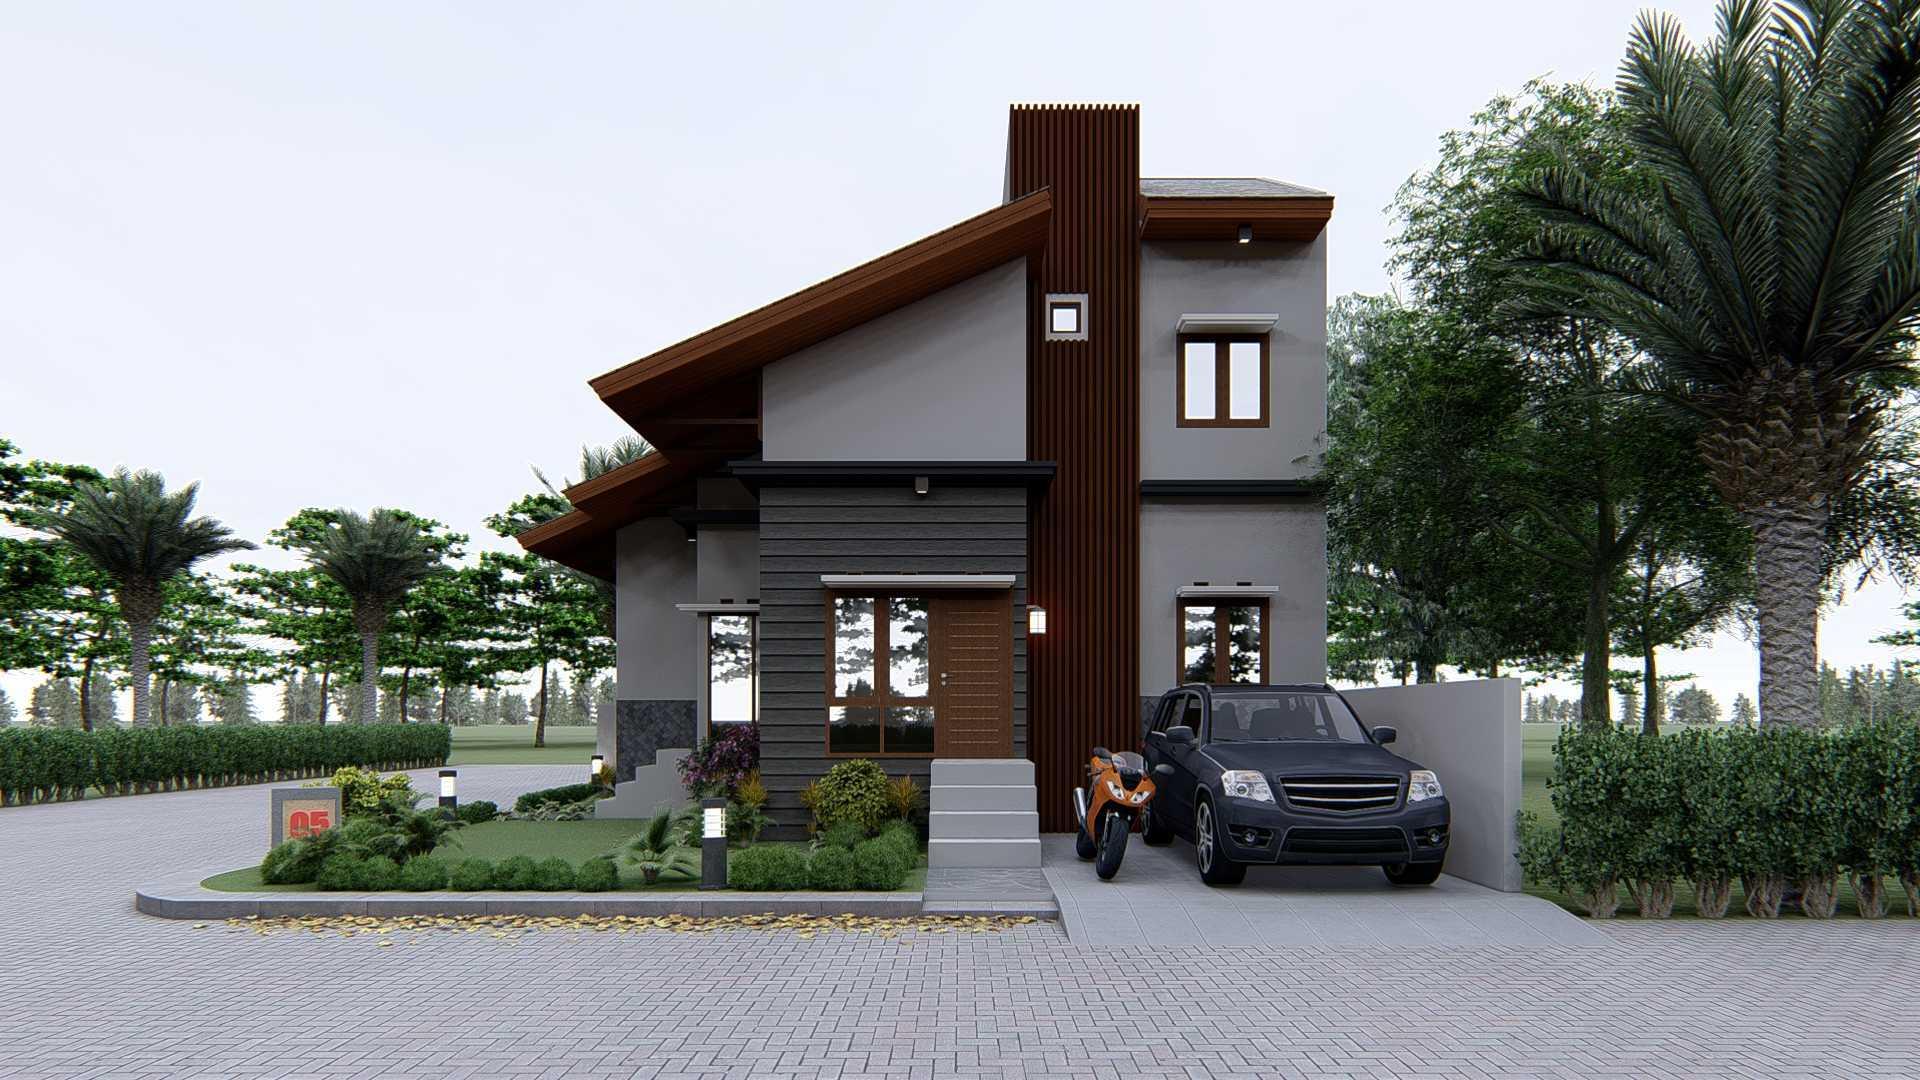 Artha Architect Rumah Di Tanah Hook Bekasi Bekasi, Kota Bks, Jawa Barat, Indonesia Bekasi, Kota Bks, Jawa Barat, Indonesia Artha-Solusindo-Rumah-Di-Tanah-Hook-Bekasi Tropical 102624